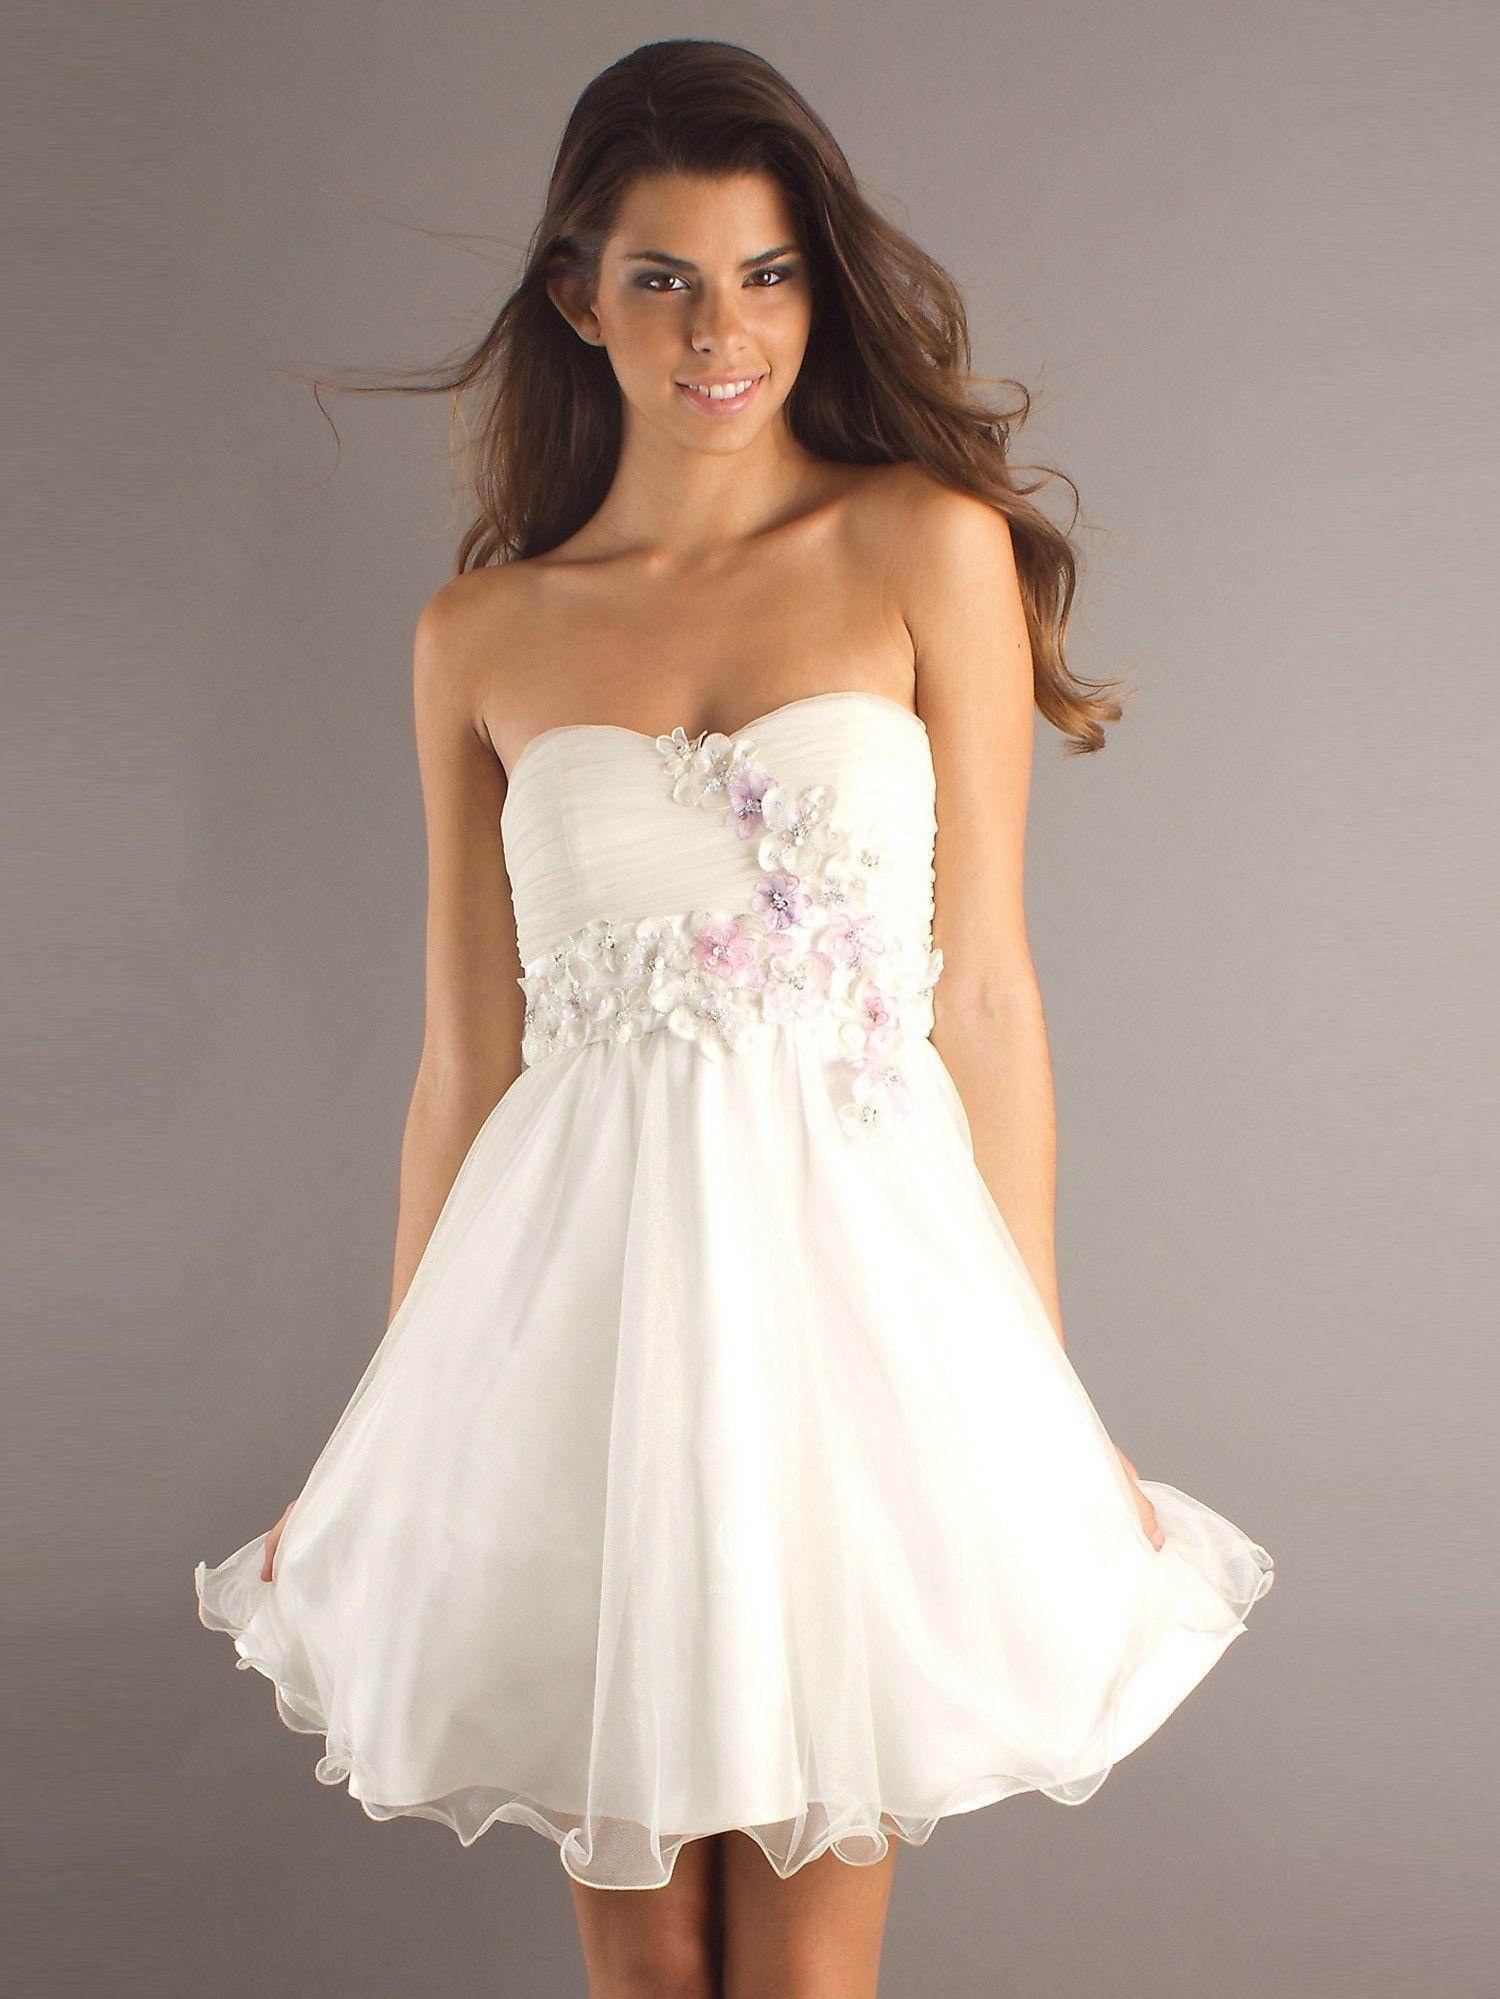 White Spring Dresses | Dress images